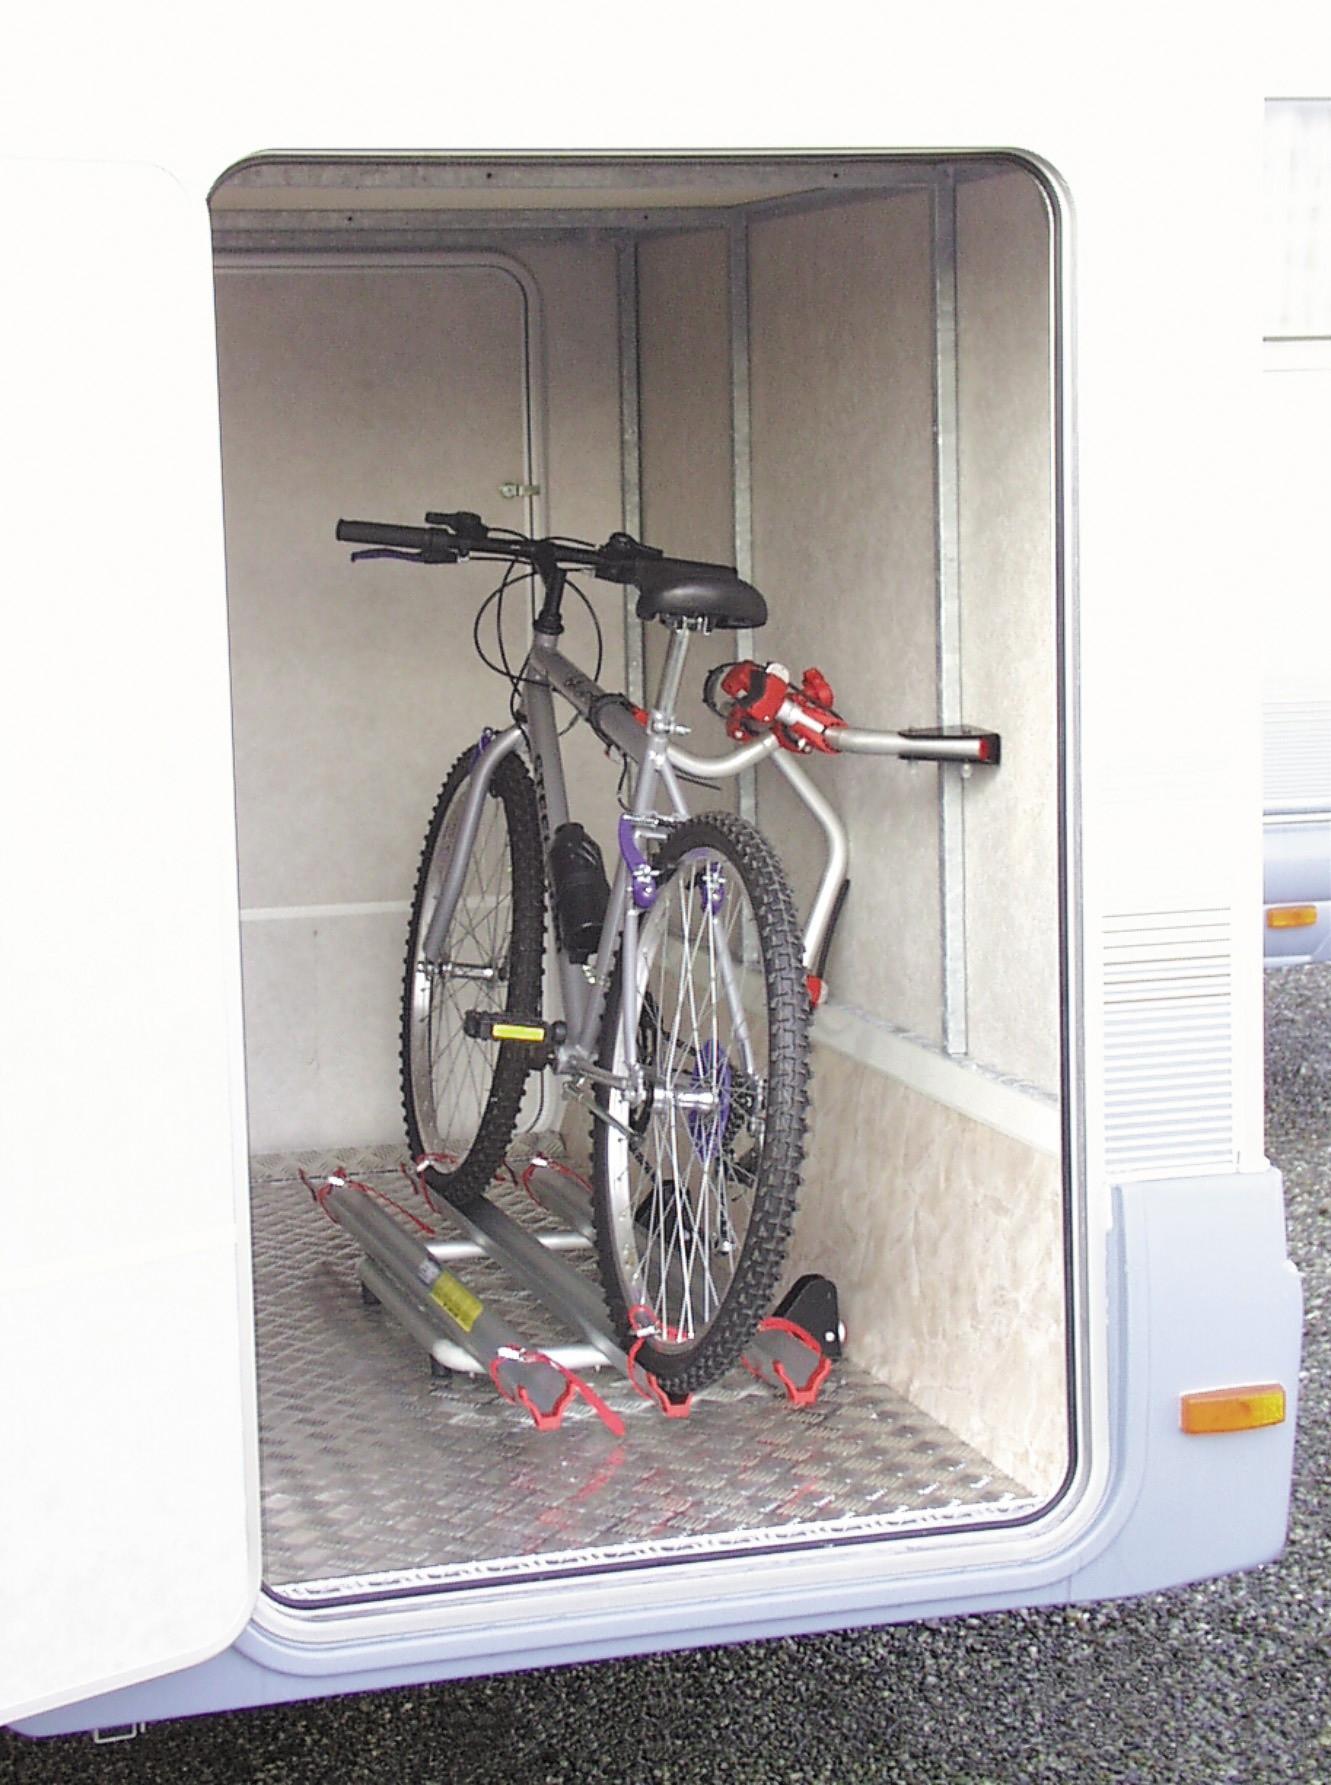 carry bike garage standard nu 166 00 thuisshop. Black Bedroom Furniture Sets. Home Design Ideas